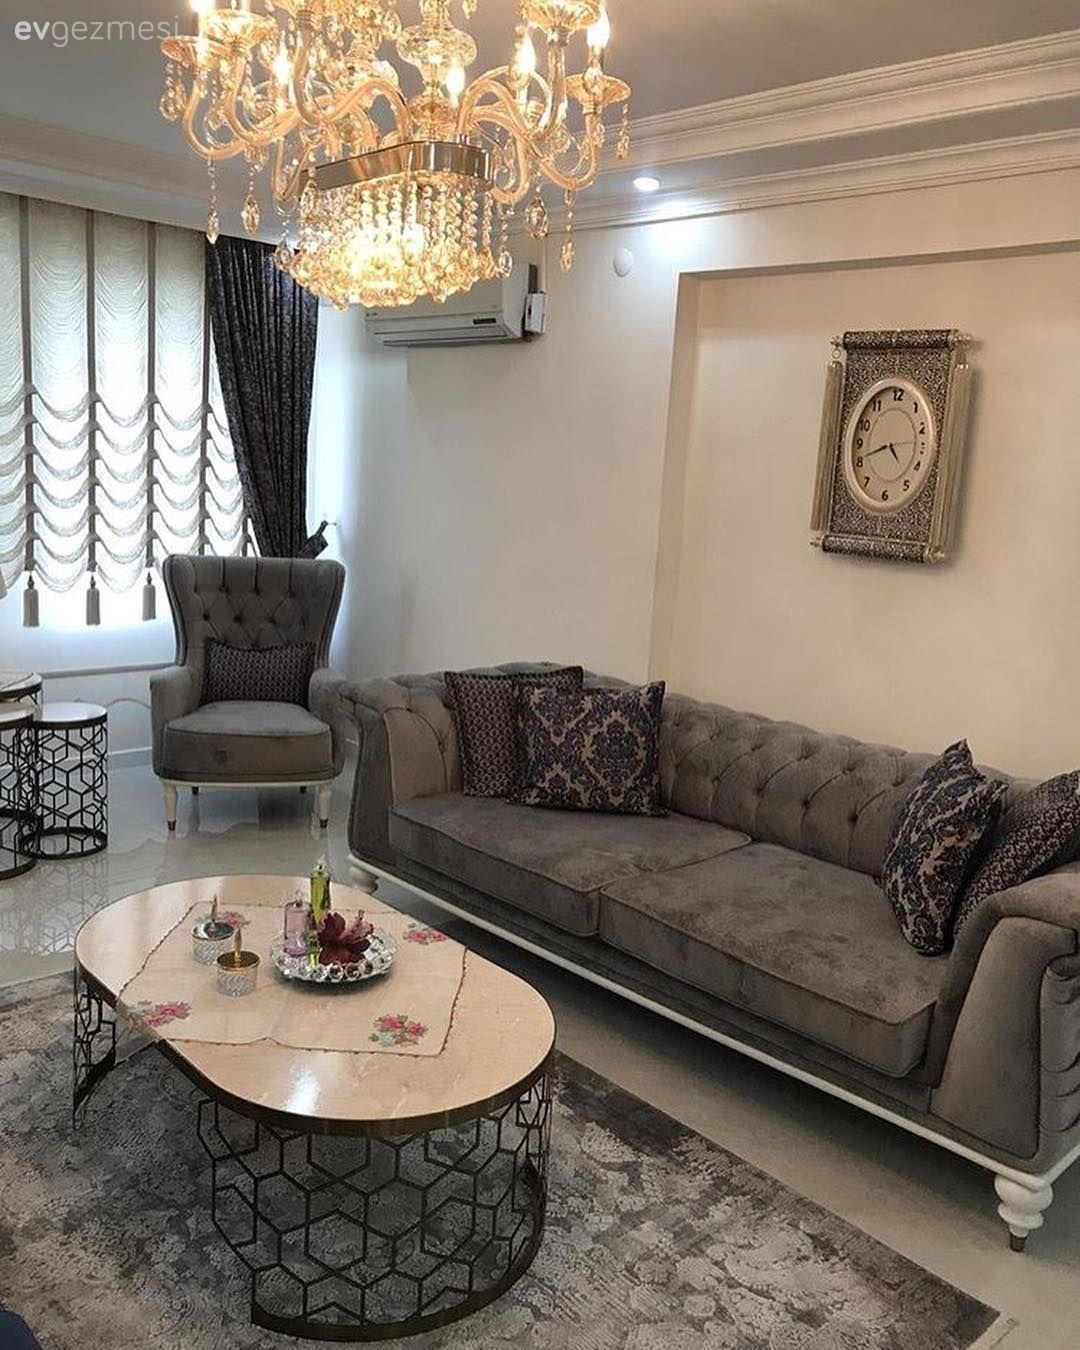 Bu Salon Simetrik Yerlesimi Sik Detaylariyla Goz Dolduruyor 2 Ev Gezmesi Oturma Odasi Takimlari Oturma Odasi Tasarimlari Luks Oturma Odalari